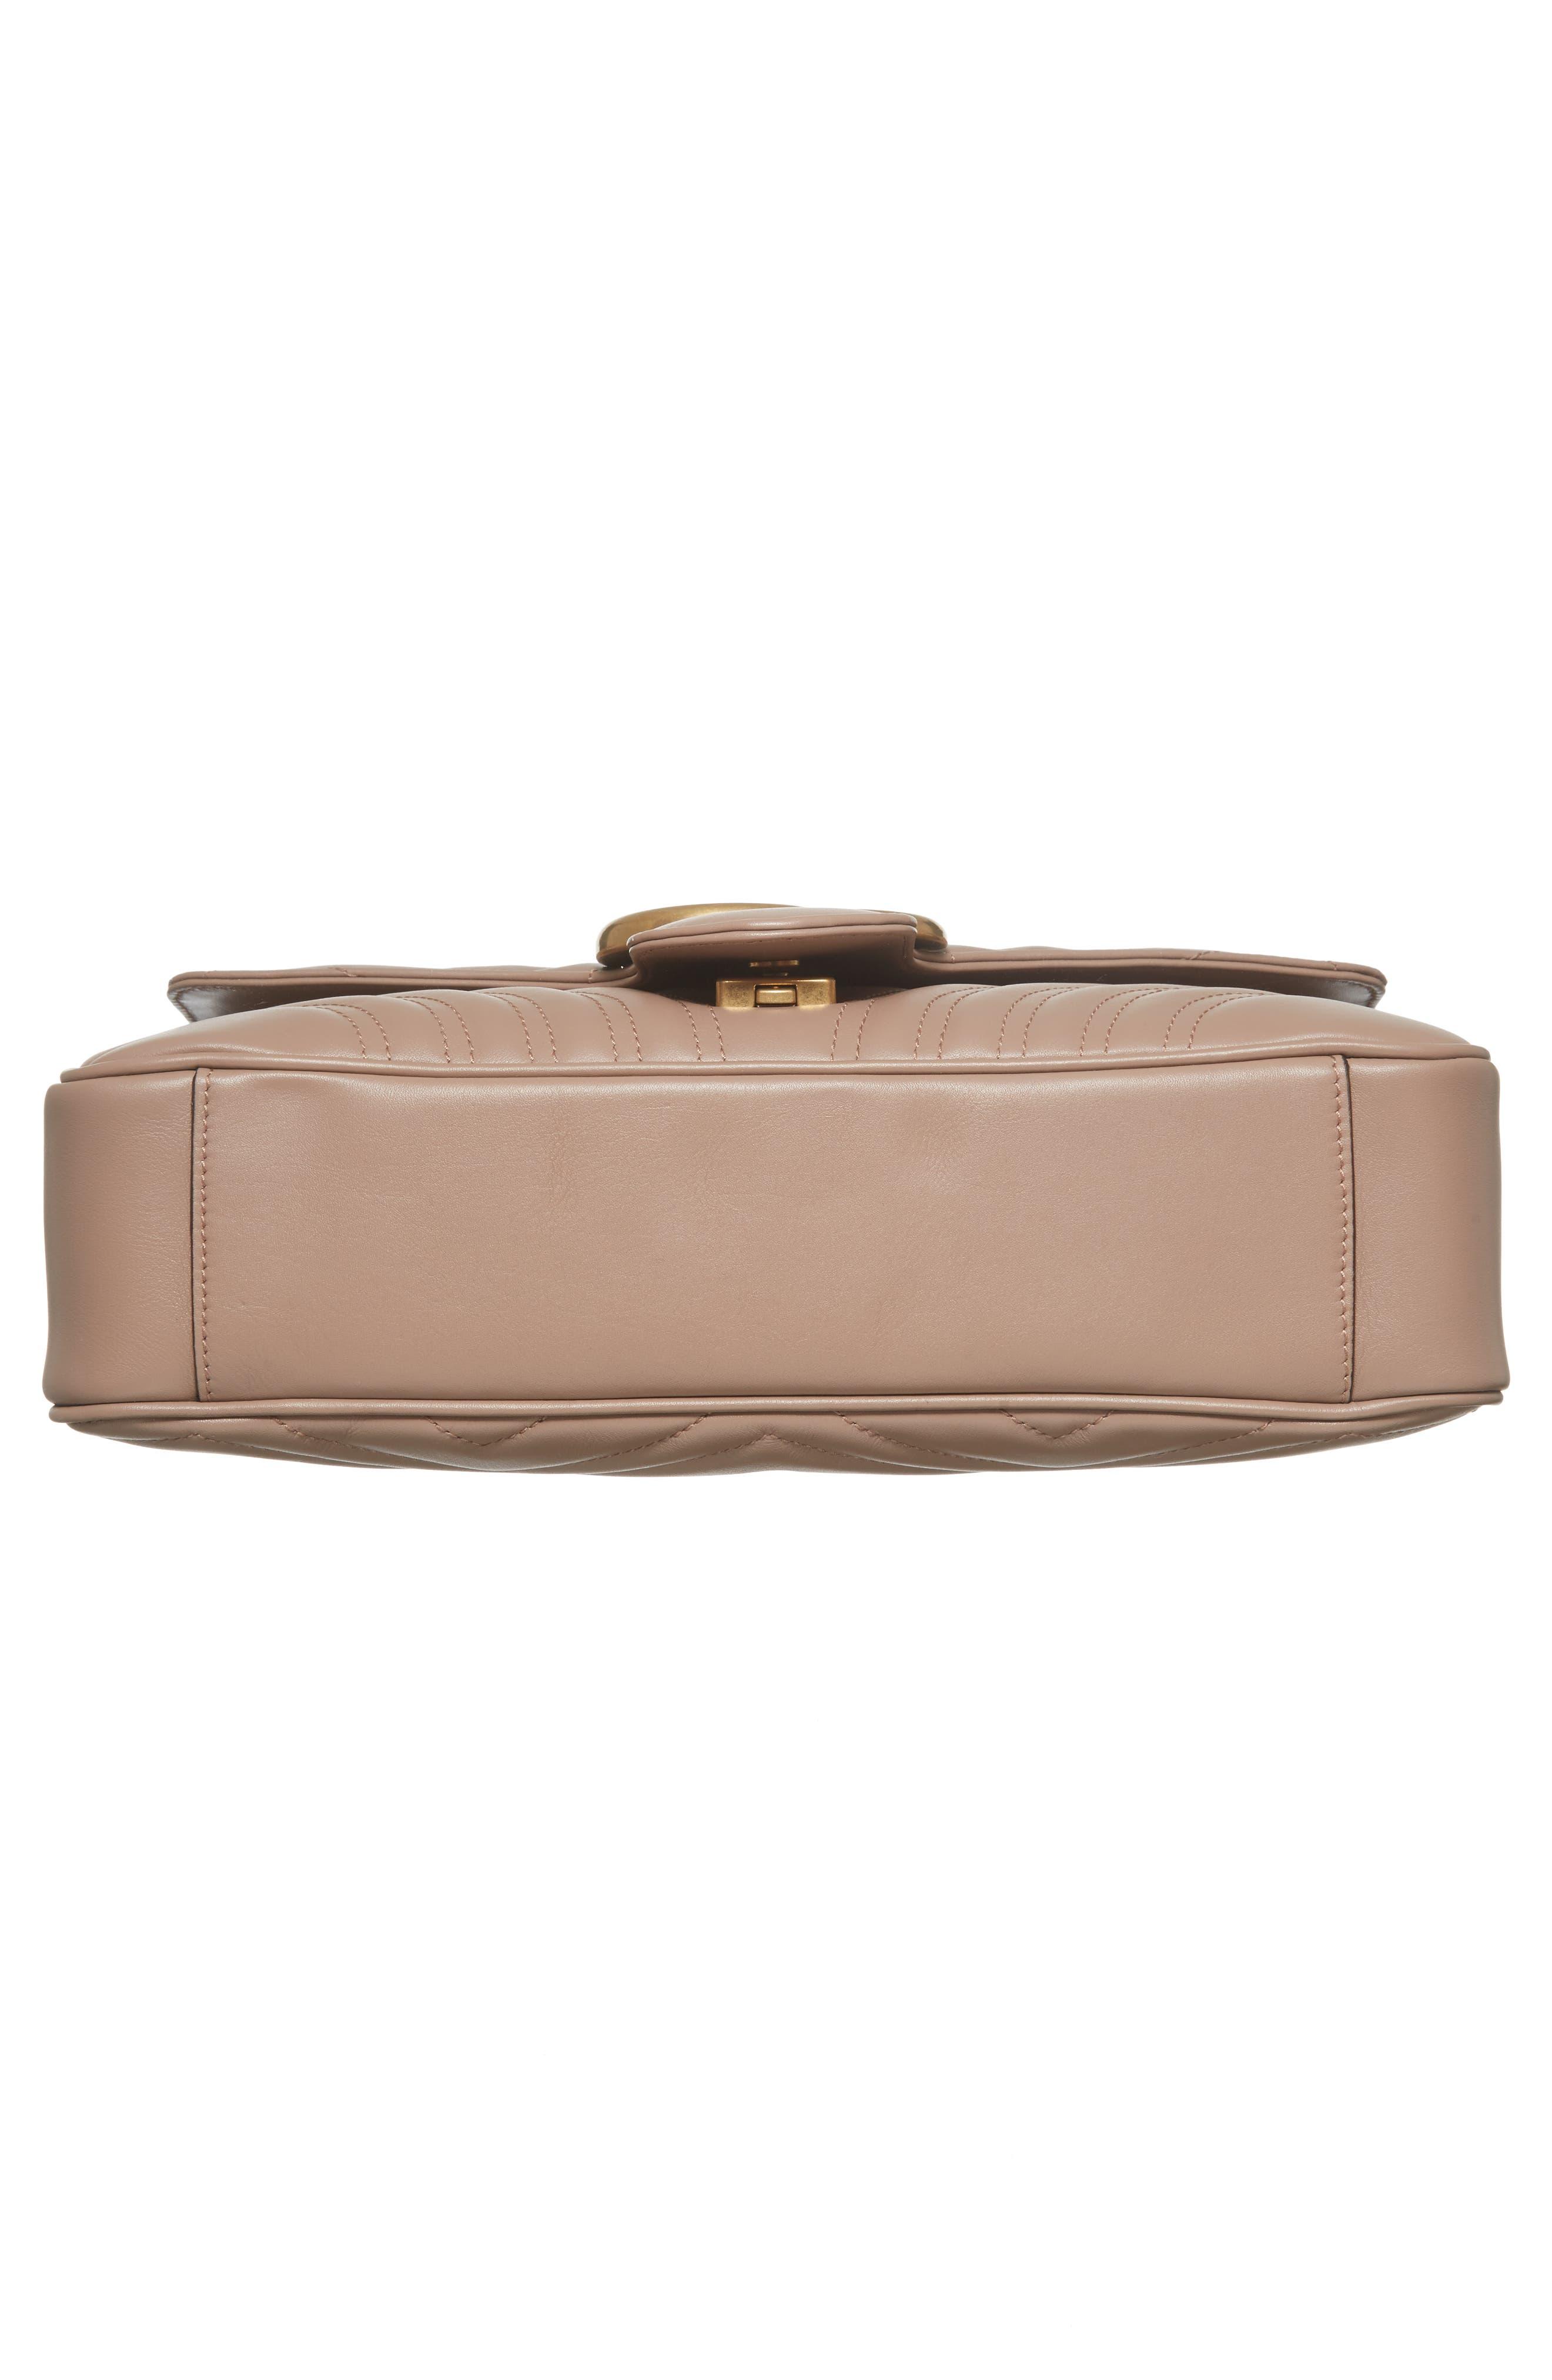 Medium GG Marmont 2.0 Matelassé Leather Shoulder Bag,                             Alternate thumbnail 6, color,                             Porcelain Rose